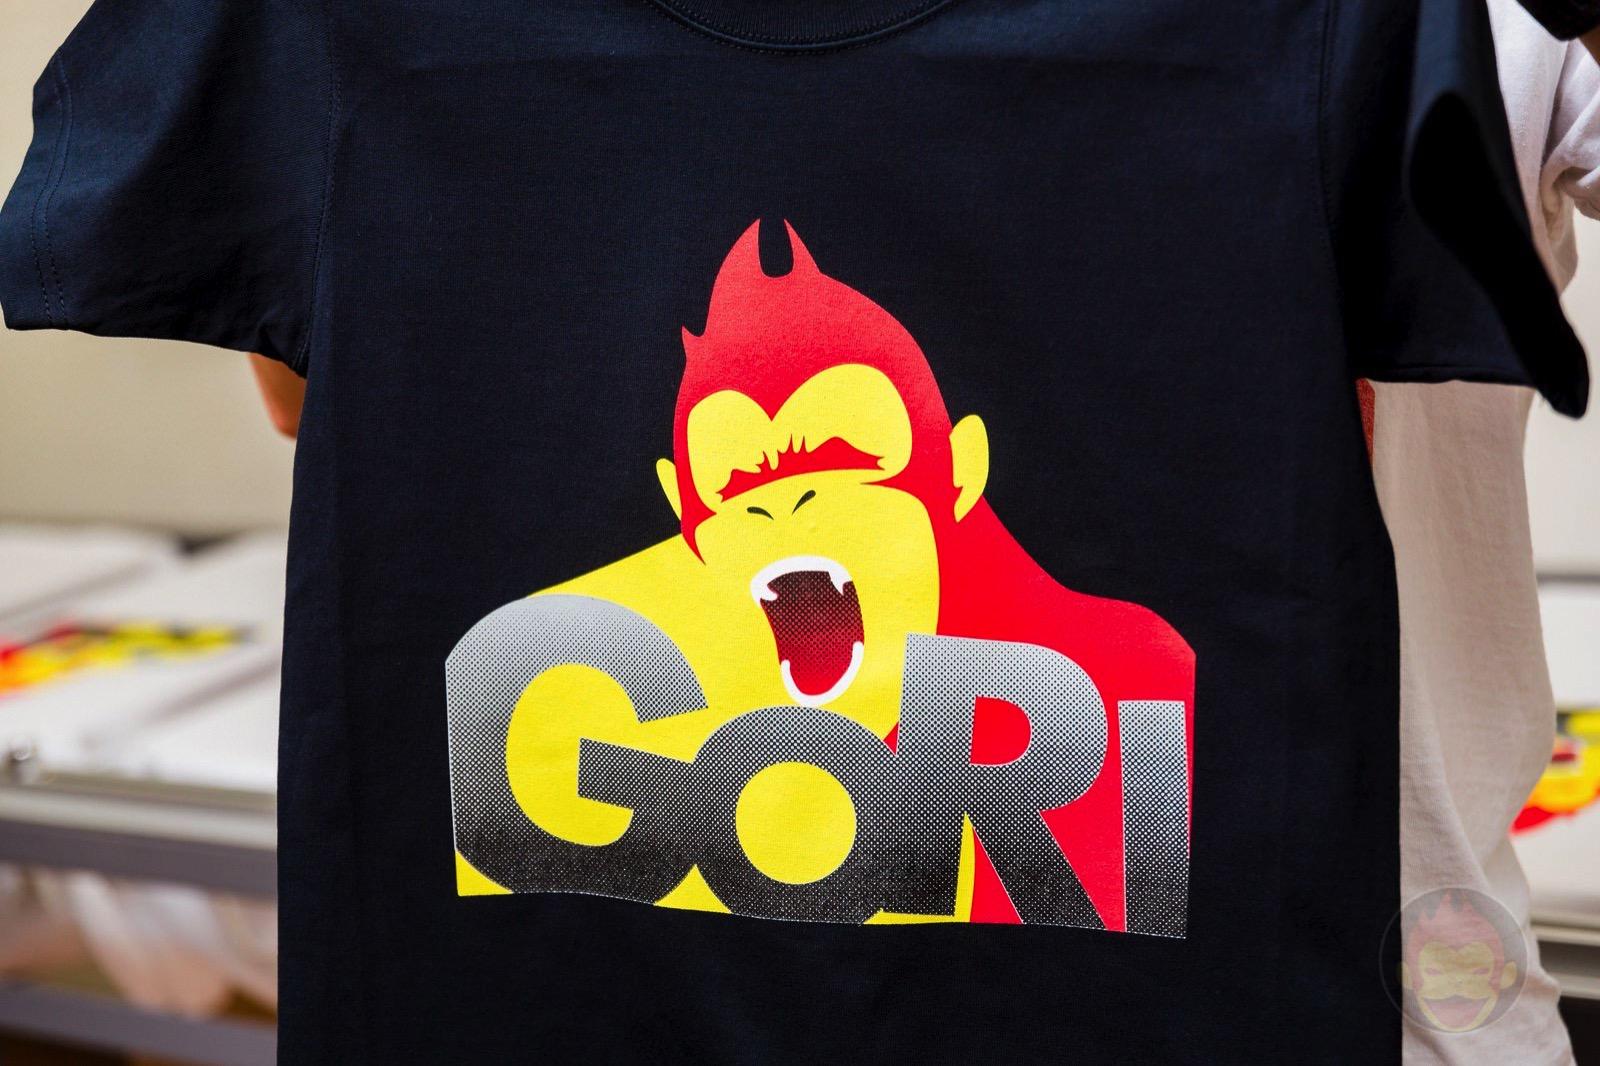 Original-Tshirt-ST-PR-21.jpg